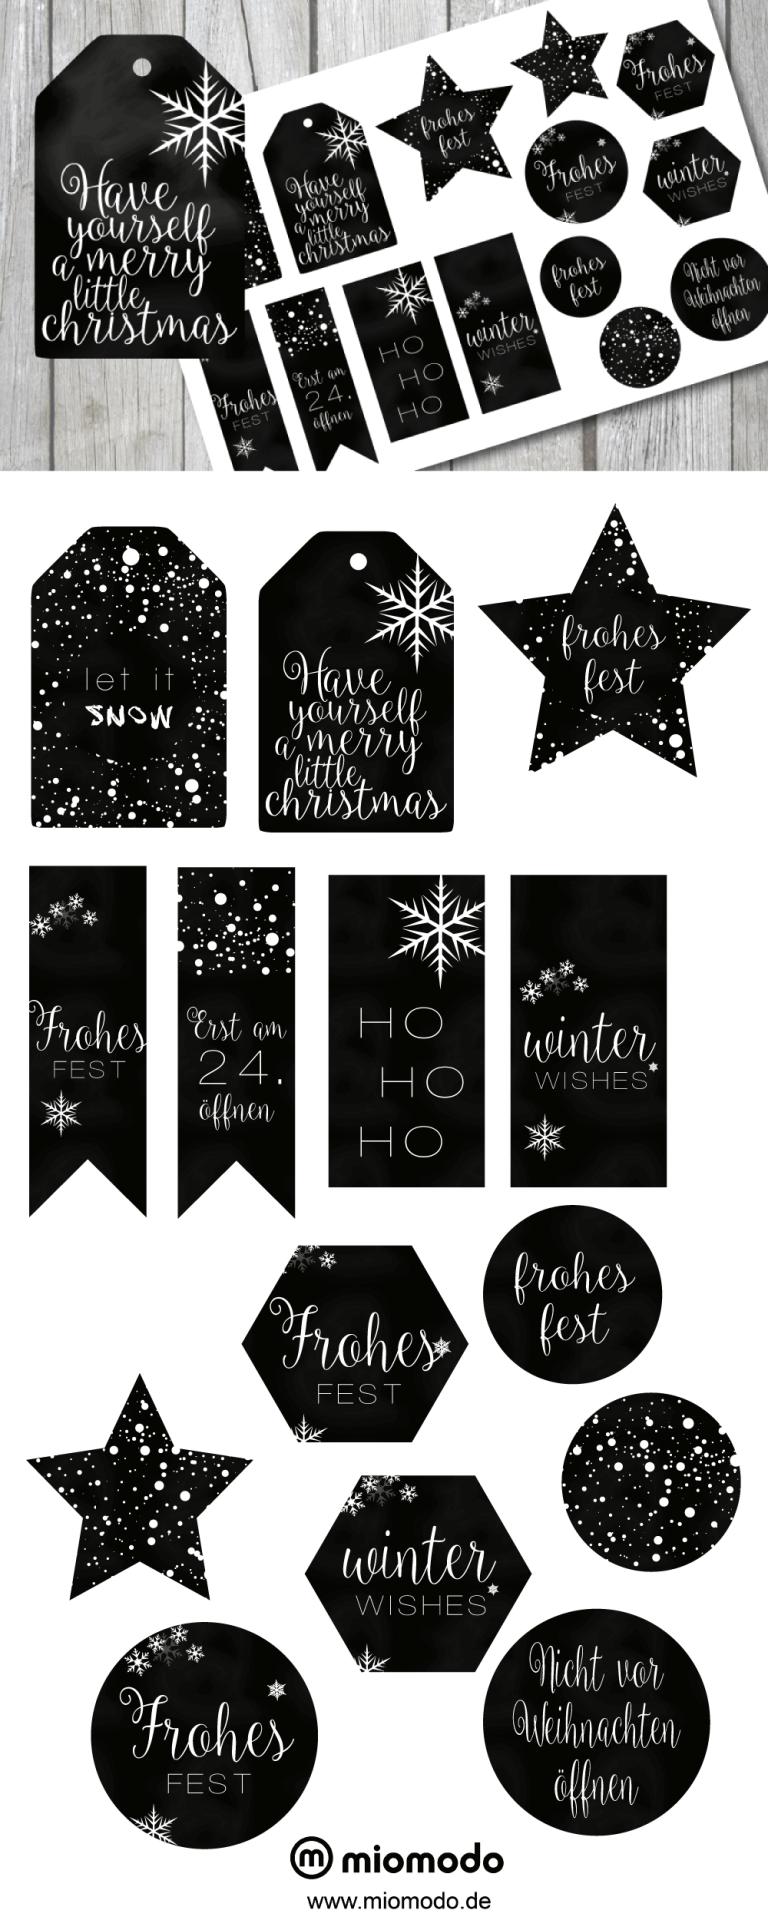 geschenkanh nger zum ausdrucken weihnachten weihnachten christmas christmas gifts und xmas. Black Bedroom Furniture Sets. Home Design Ideas